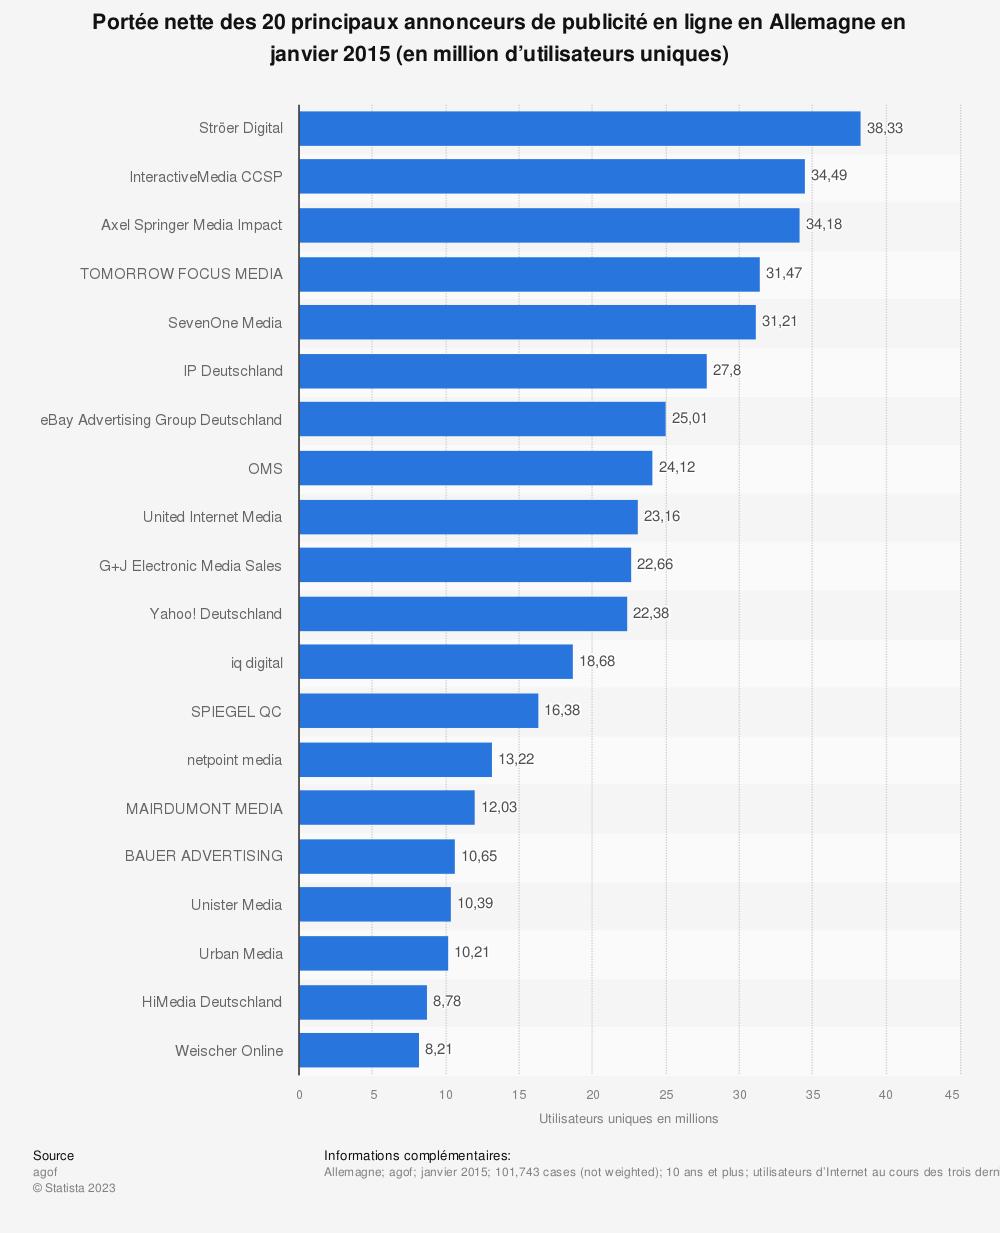 Statistique: Portée nette des 20principaux annonceurs de publicité en ligne en Allemagne en janvier 2015 (en million d'utilisateurs uniques) | Statista